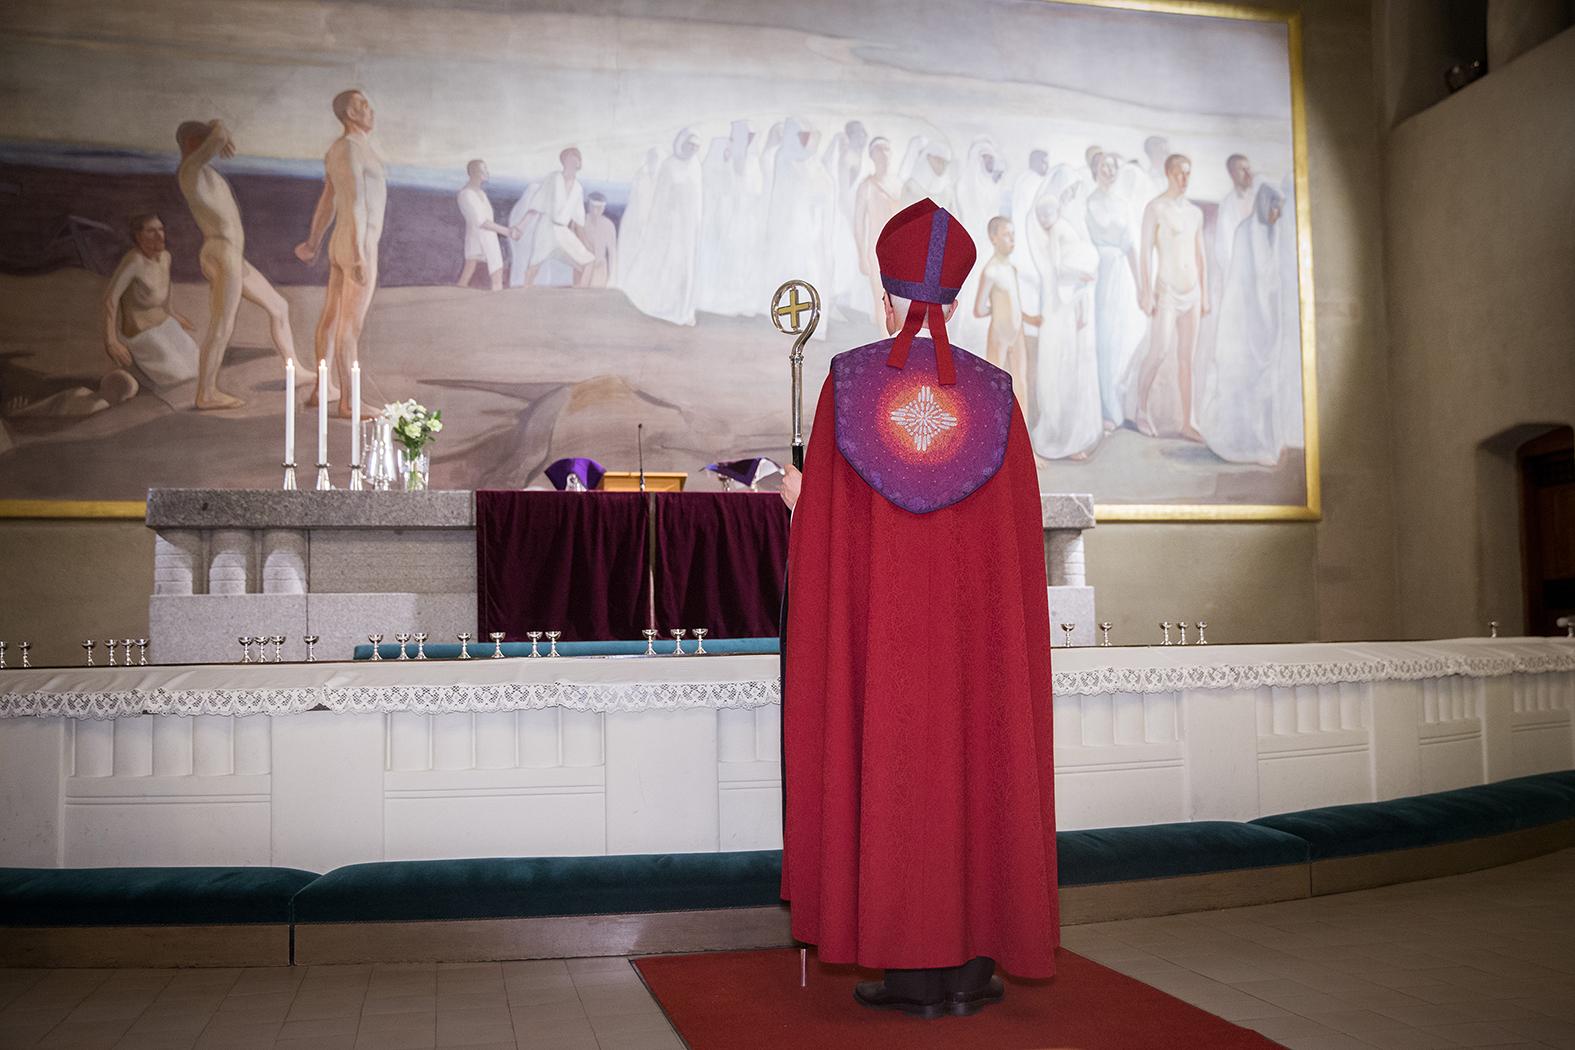 Piispa seisoo Tampereen tuomiokirkon alttaria kohti kääntyneenä yllään punasävyinen piispankaapu ja hiippa.